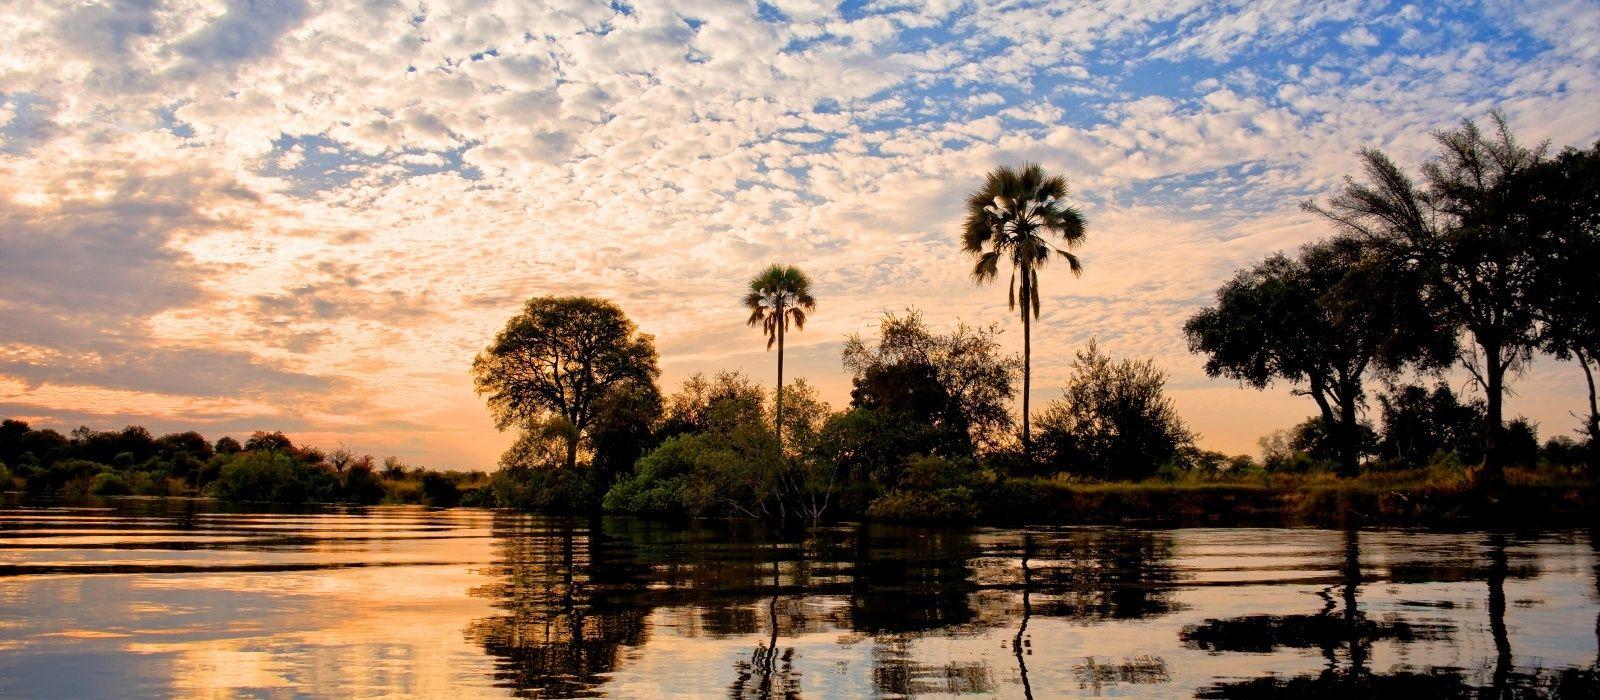 Zambia: Victoria Falls and Safari Highlights Tour Trip 2